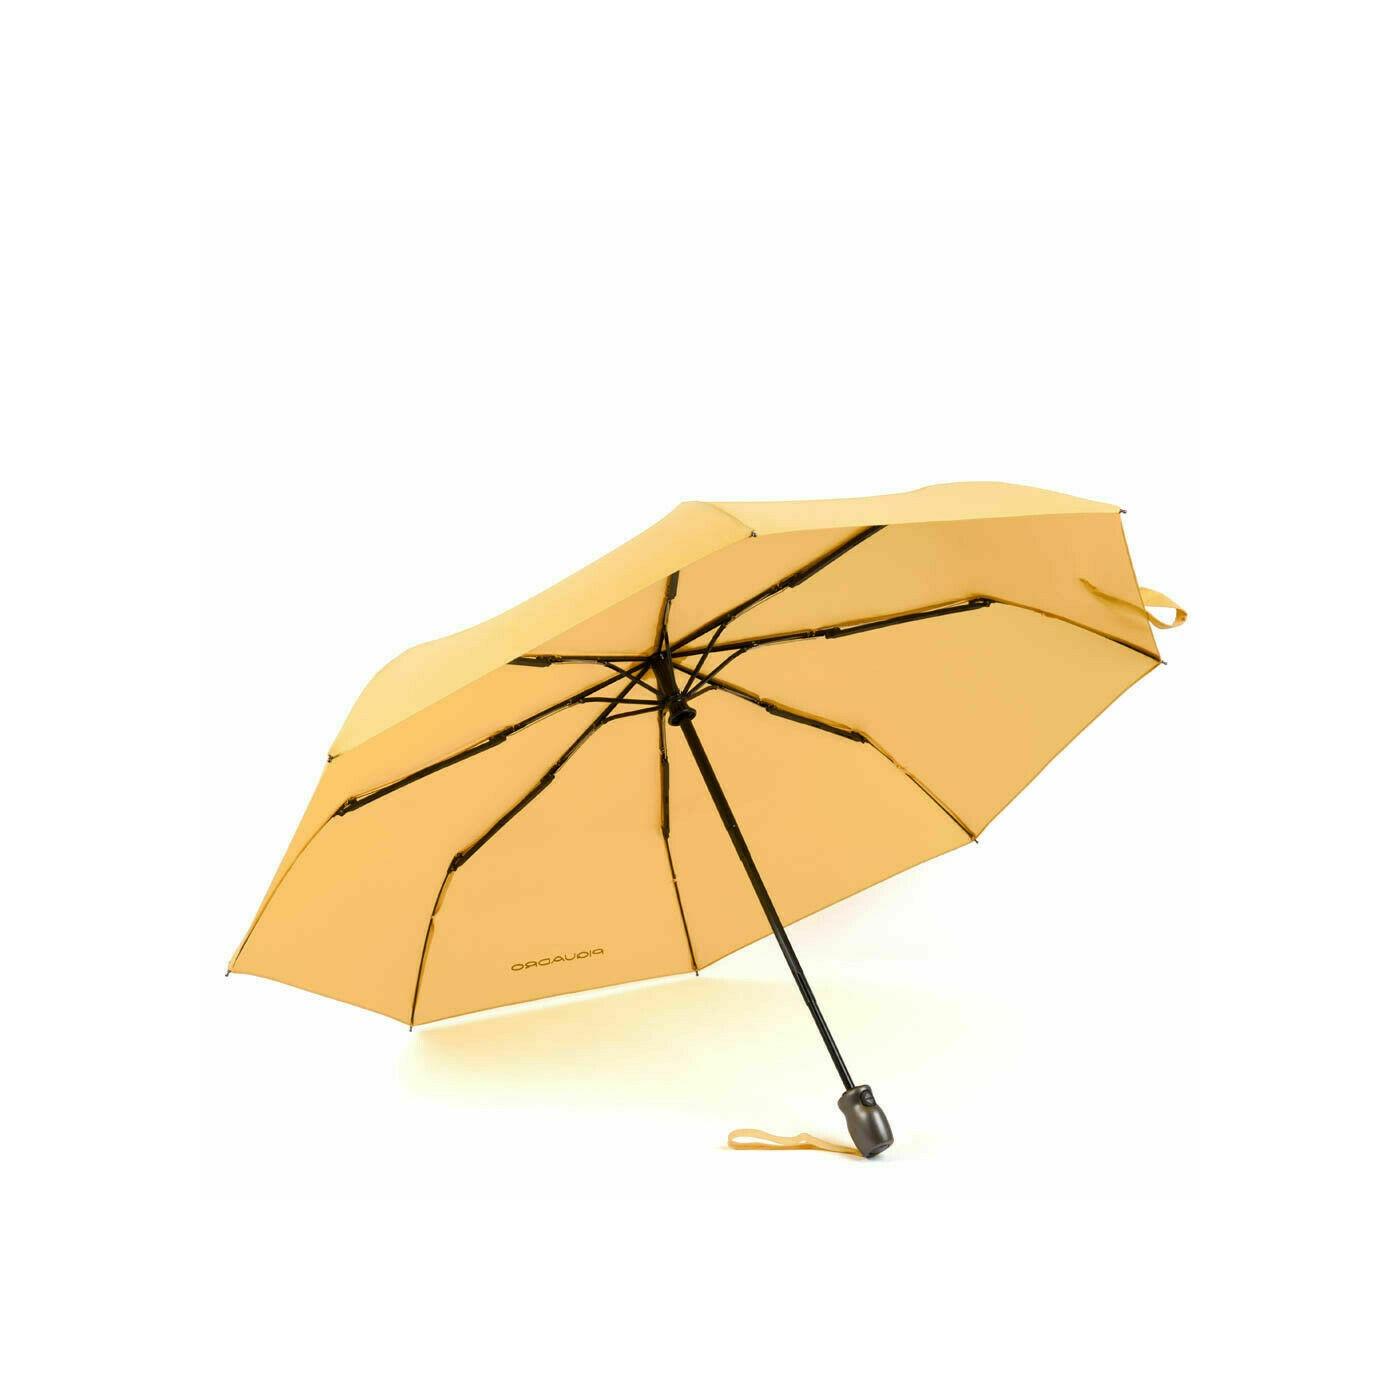 PIQUADRO Stationery ombrello open close automatico giallo